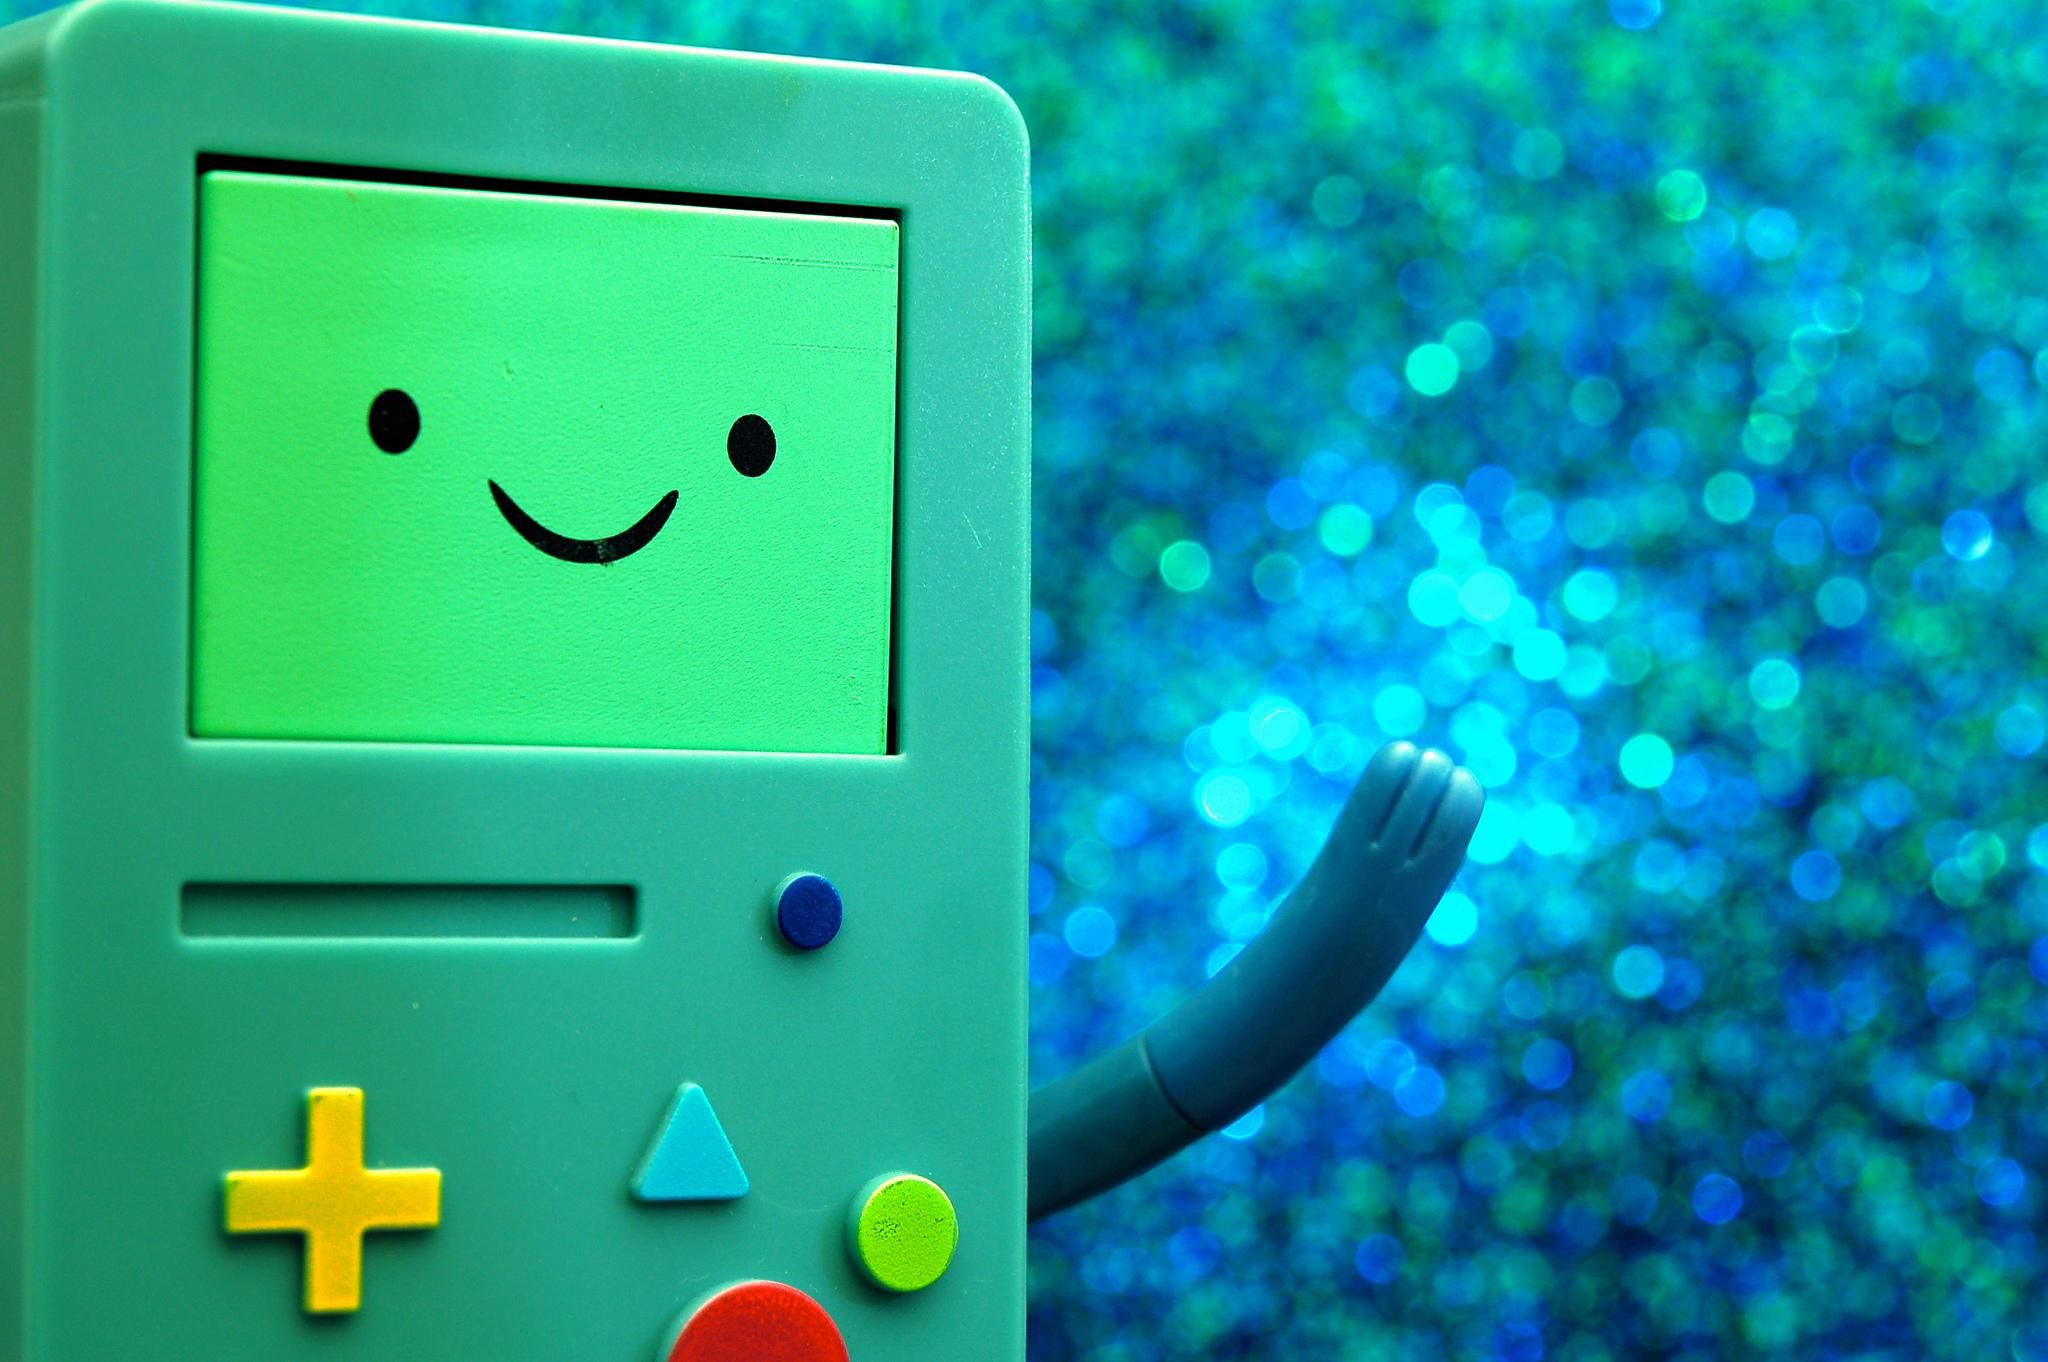 Esej: Przeniesienie zdolności poznawczych w grach wideo